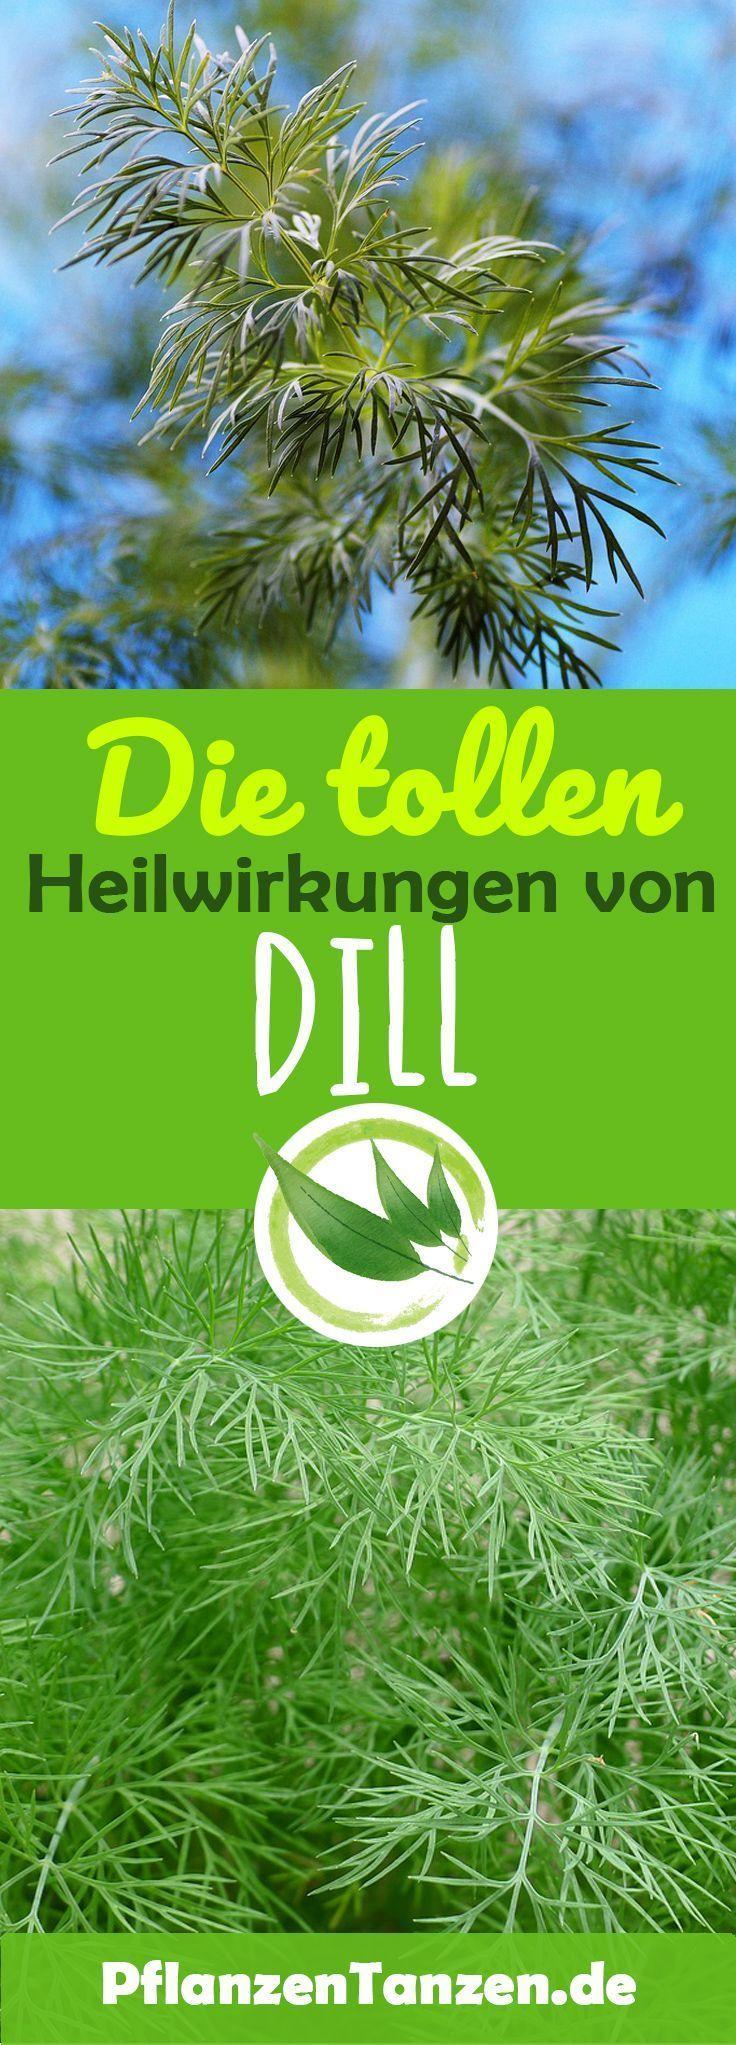 【ᐅ】Dill Pflanzen säen, pflegen & ernten 2020 | Steckbrief